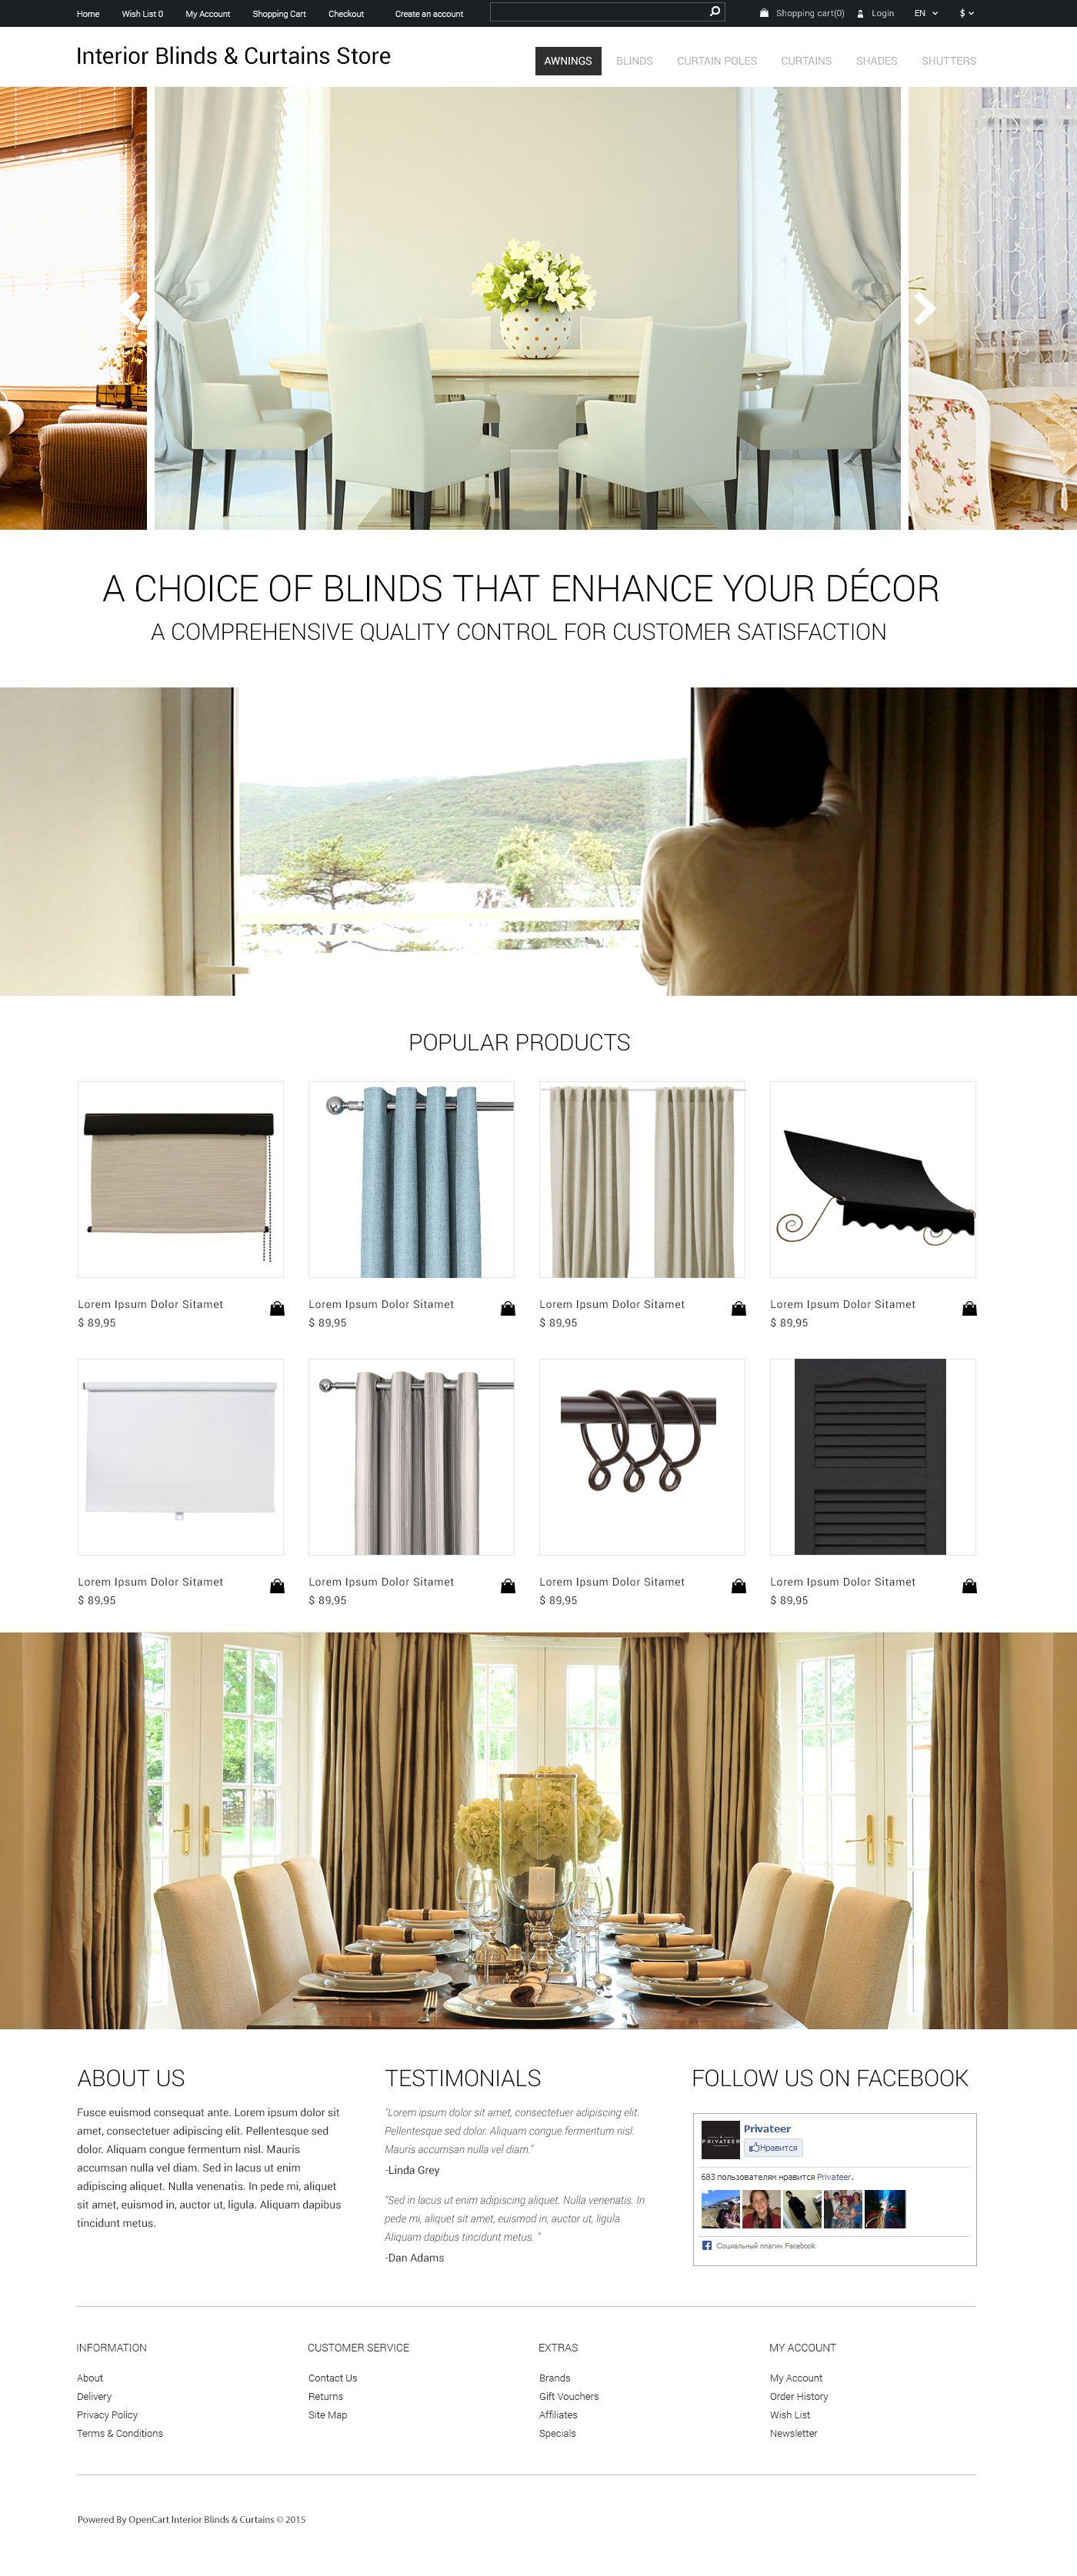 Презентация мебельного магазина пример №53256